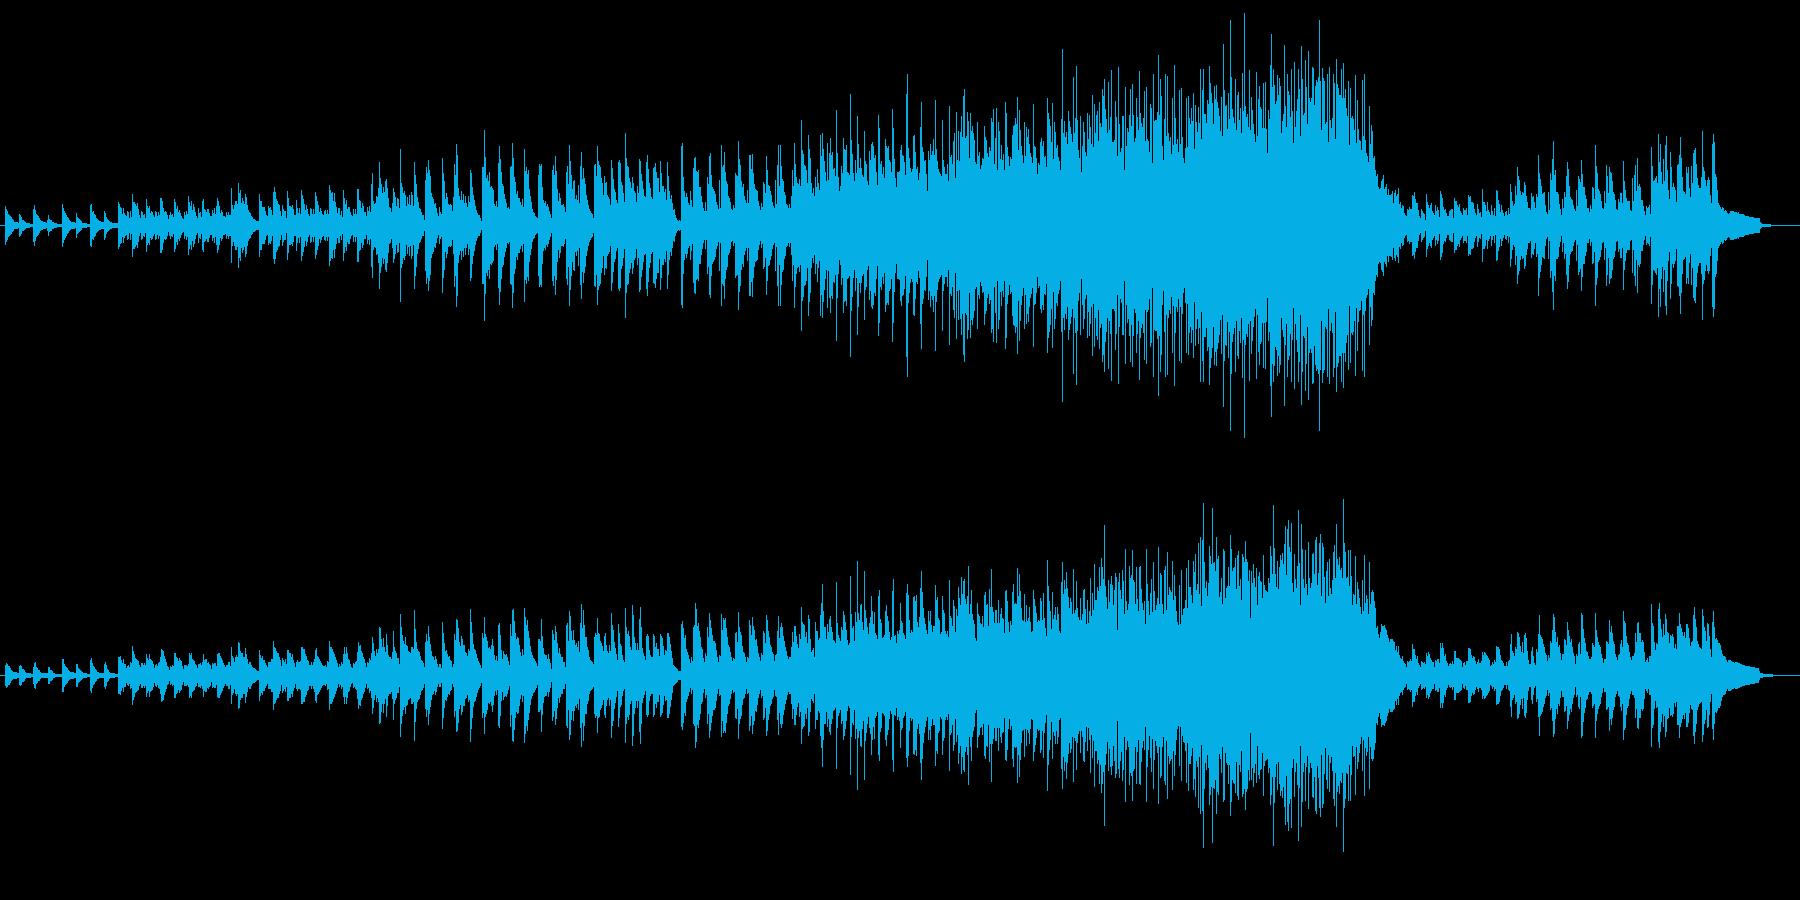 ピアノ・アンサンブルの再生済みの波形